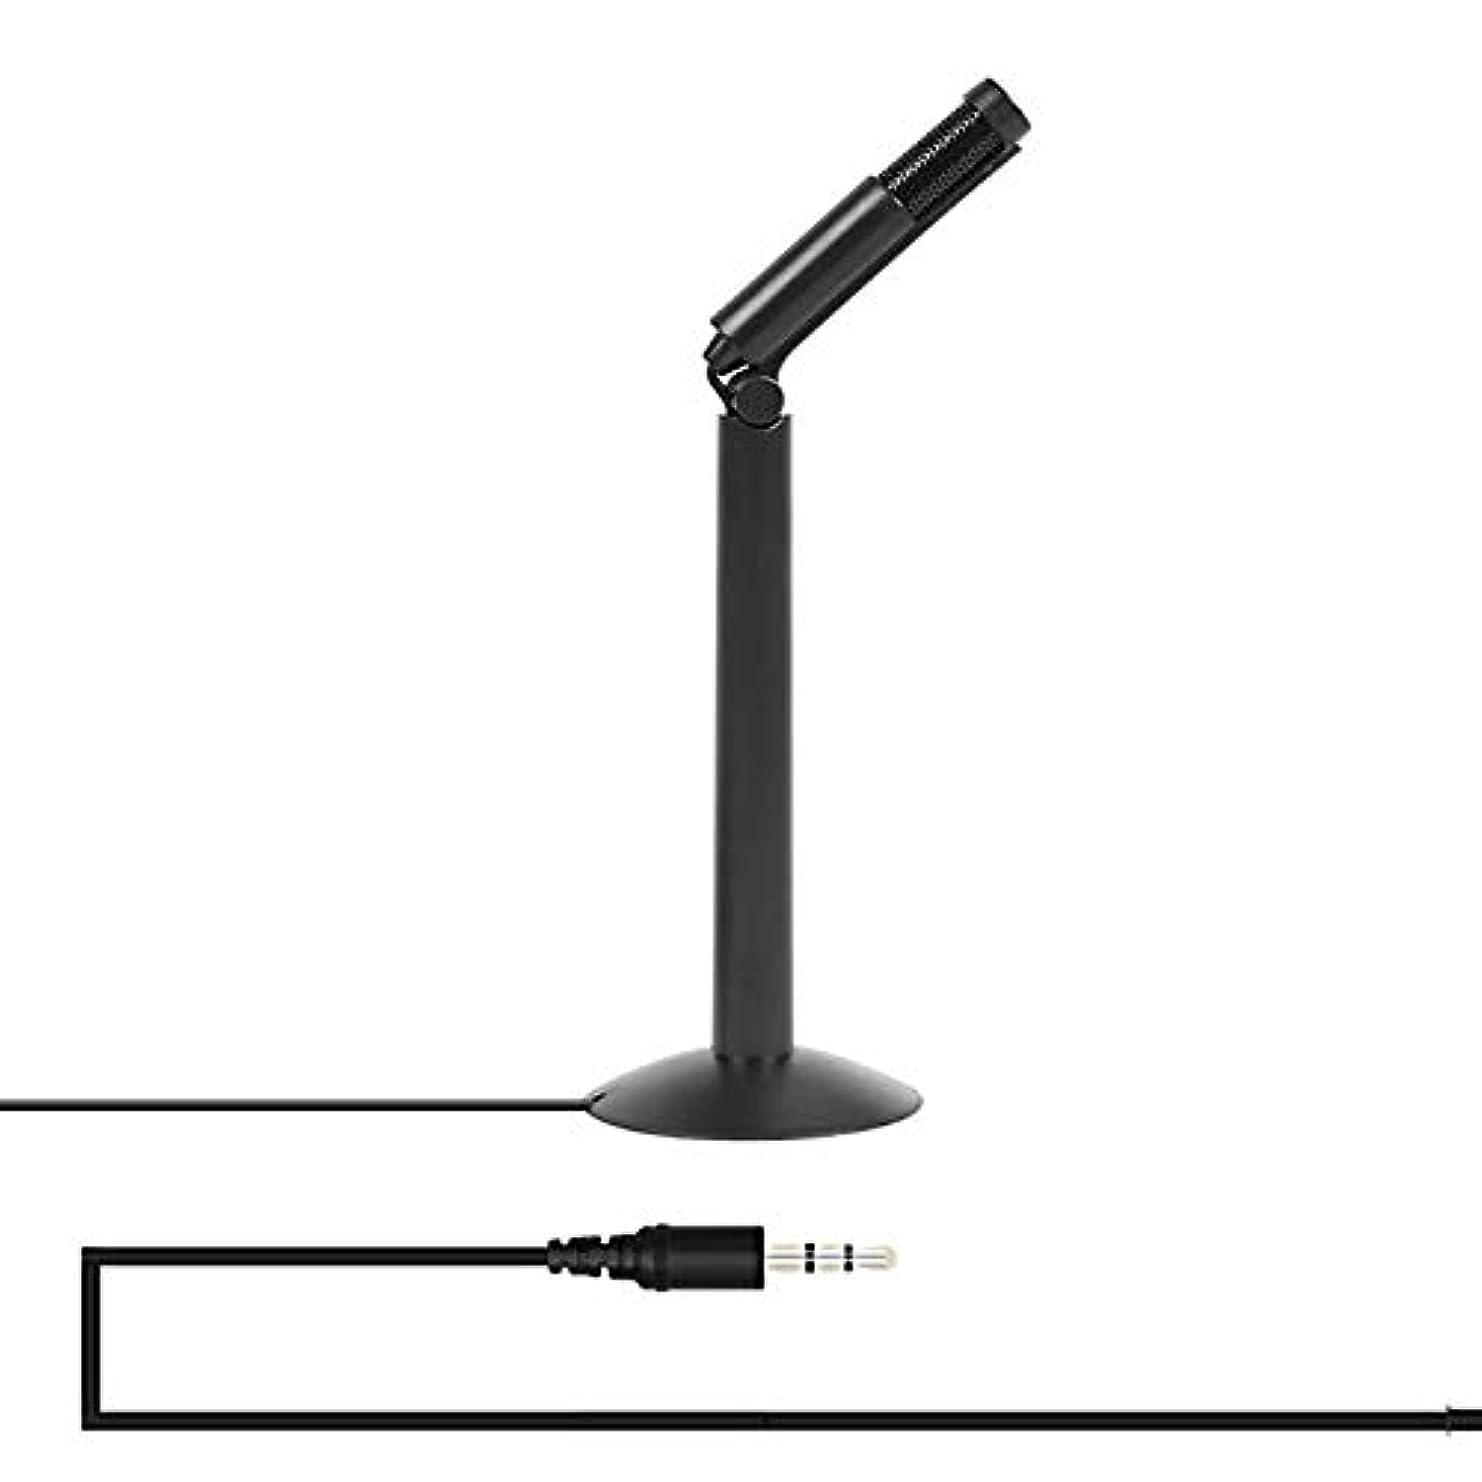 激怒餌利得コンデンサーマイク Yanmai SF-950 120度回転ヘッド3.5mmジャックスタジオステレオ録音用マイク、ケーブル長:1.3m、ライブブロードキャストショー、KTVなどのPCおよびMacと互換性があります(黒) ライブのYOUTUBEゲーム解説を記録する (色 : Black)